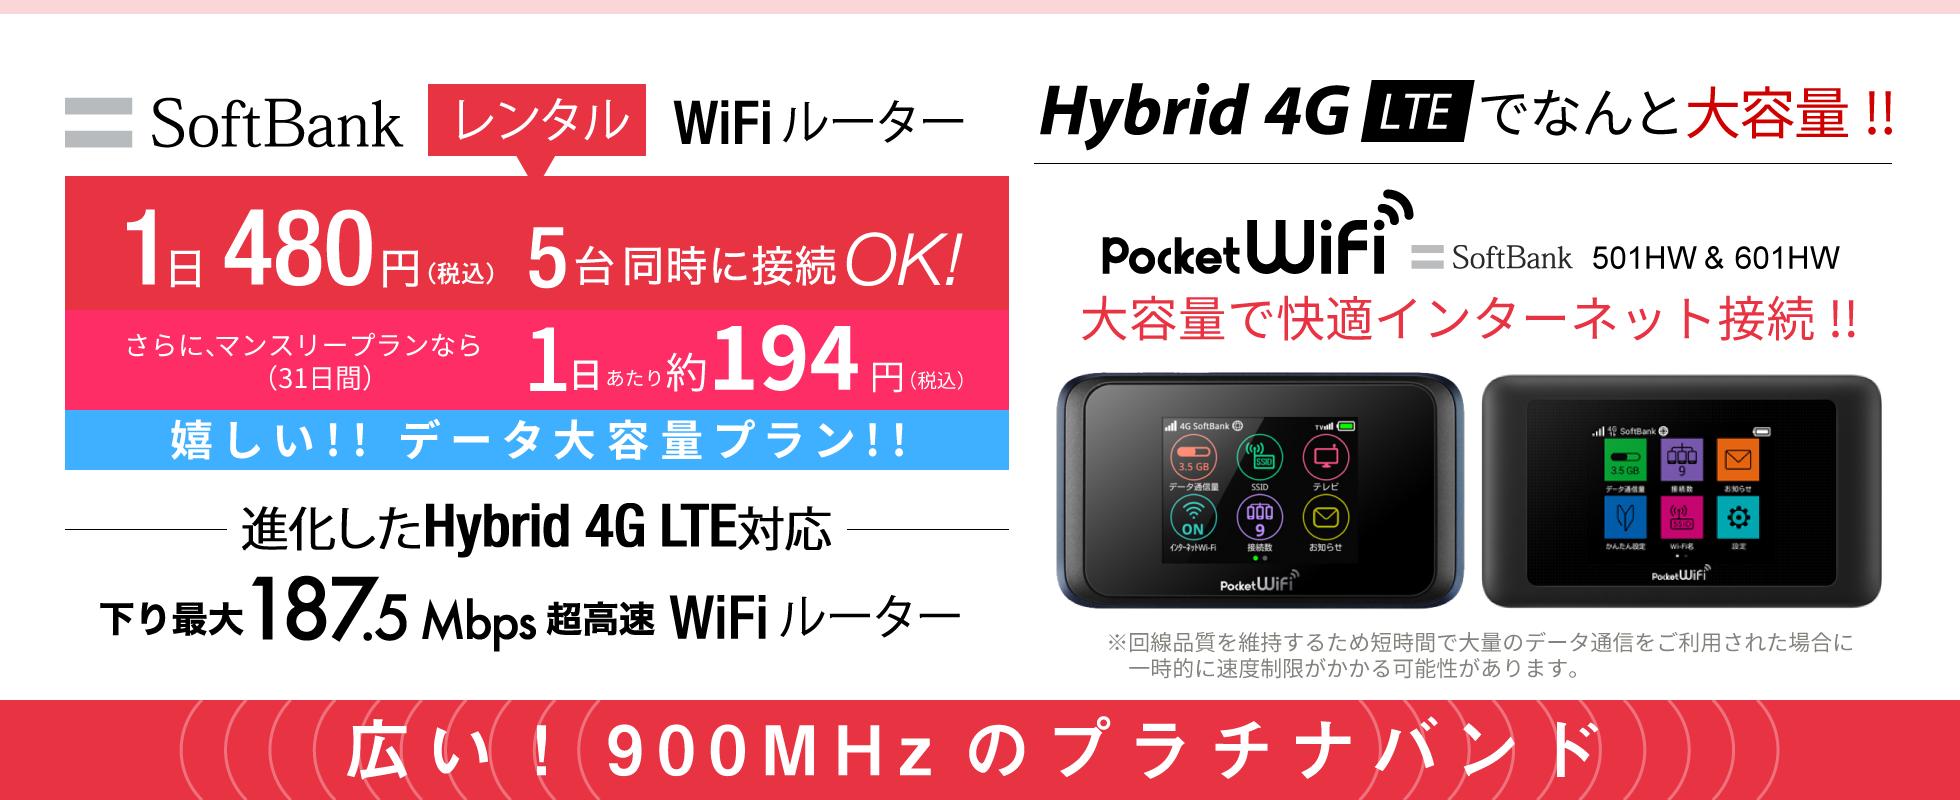 無制限のWiFiルーターレンタルをお安く!ソフトバンクのPocket WiFiルーターレンタル 1日480円5台同時に接続OK!嬉しい!! データ使用量制限なし!! 進化したHybrid 4G LTE対応 テレビもインターネット接続も快適!!